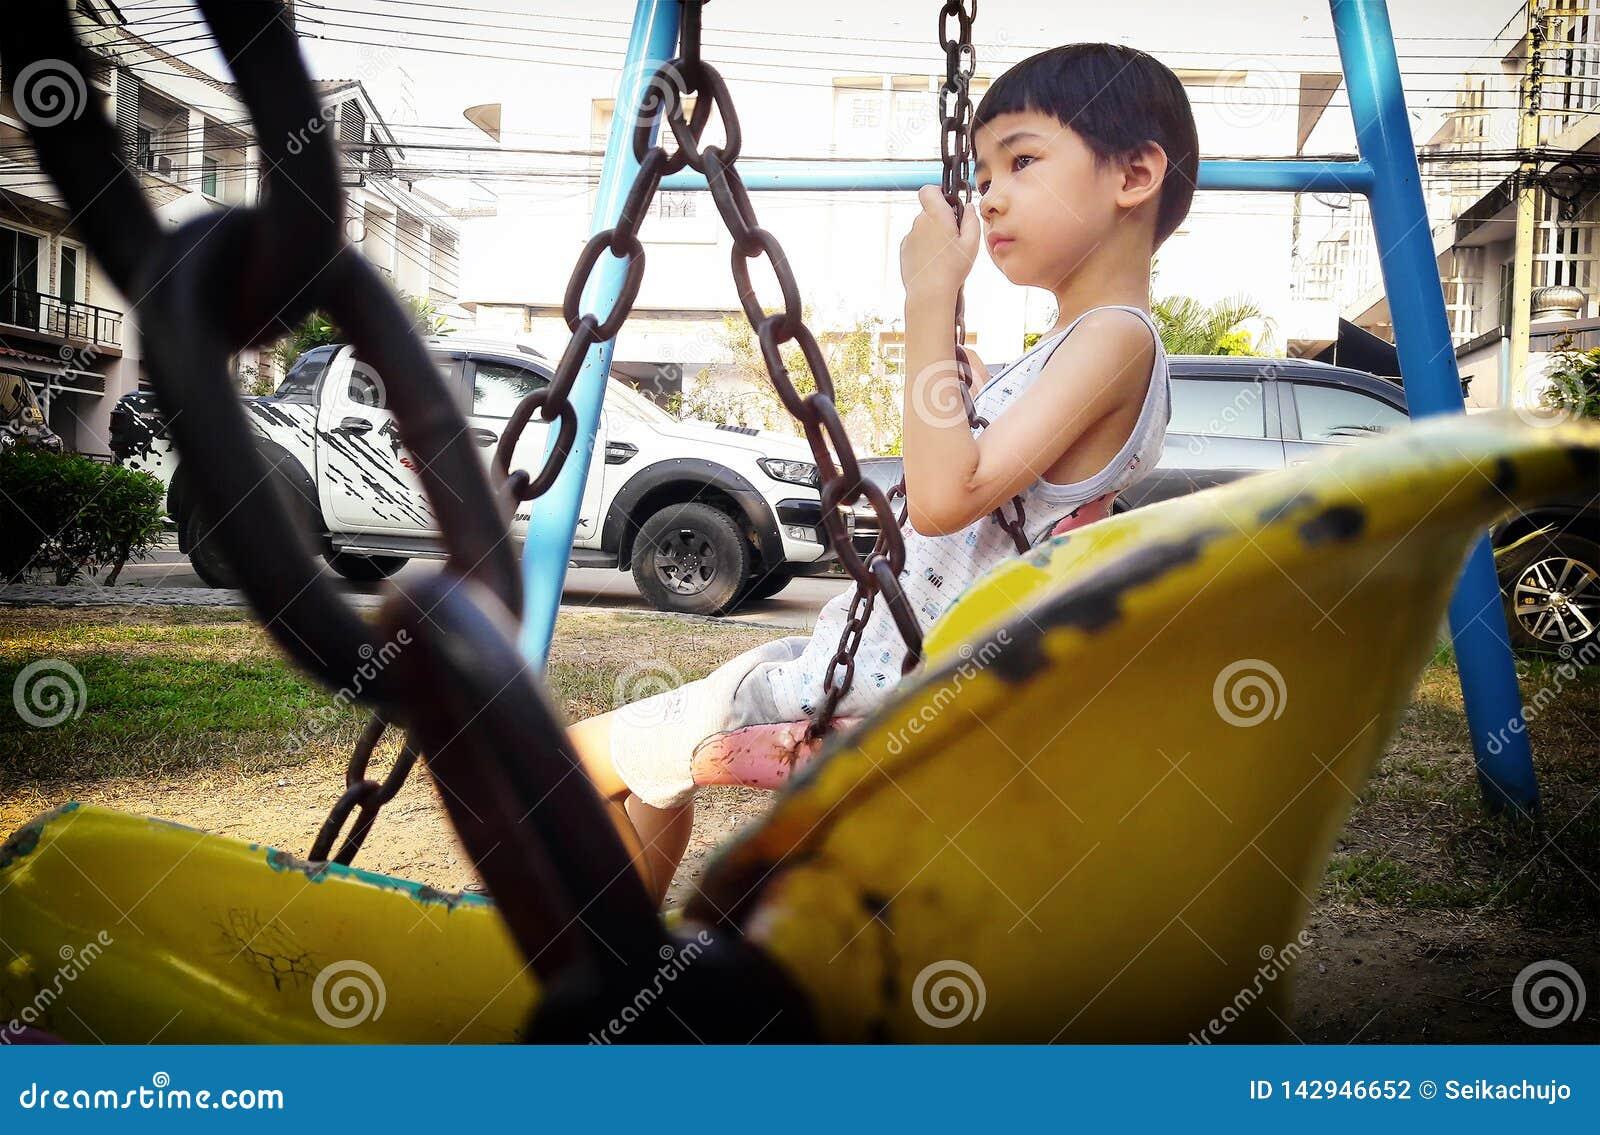 BANGKOK, THAILAND - MAART 24: De niet geïdentificeerde jongen zit op een schommeling die door kettingen in de speelplaats van het